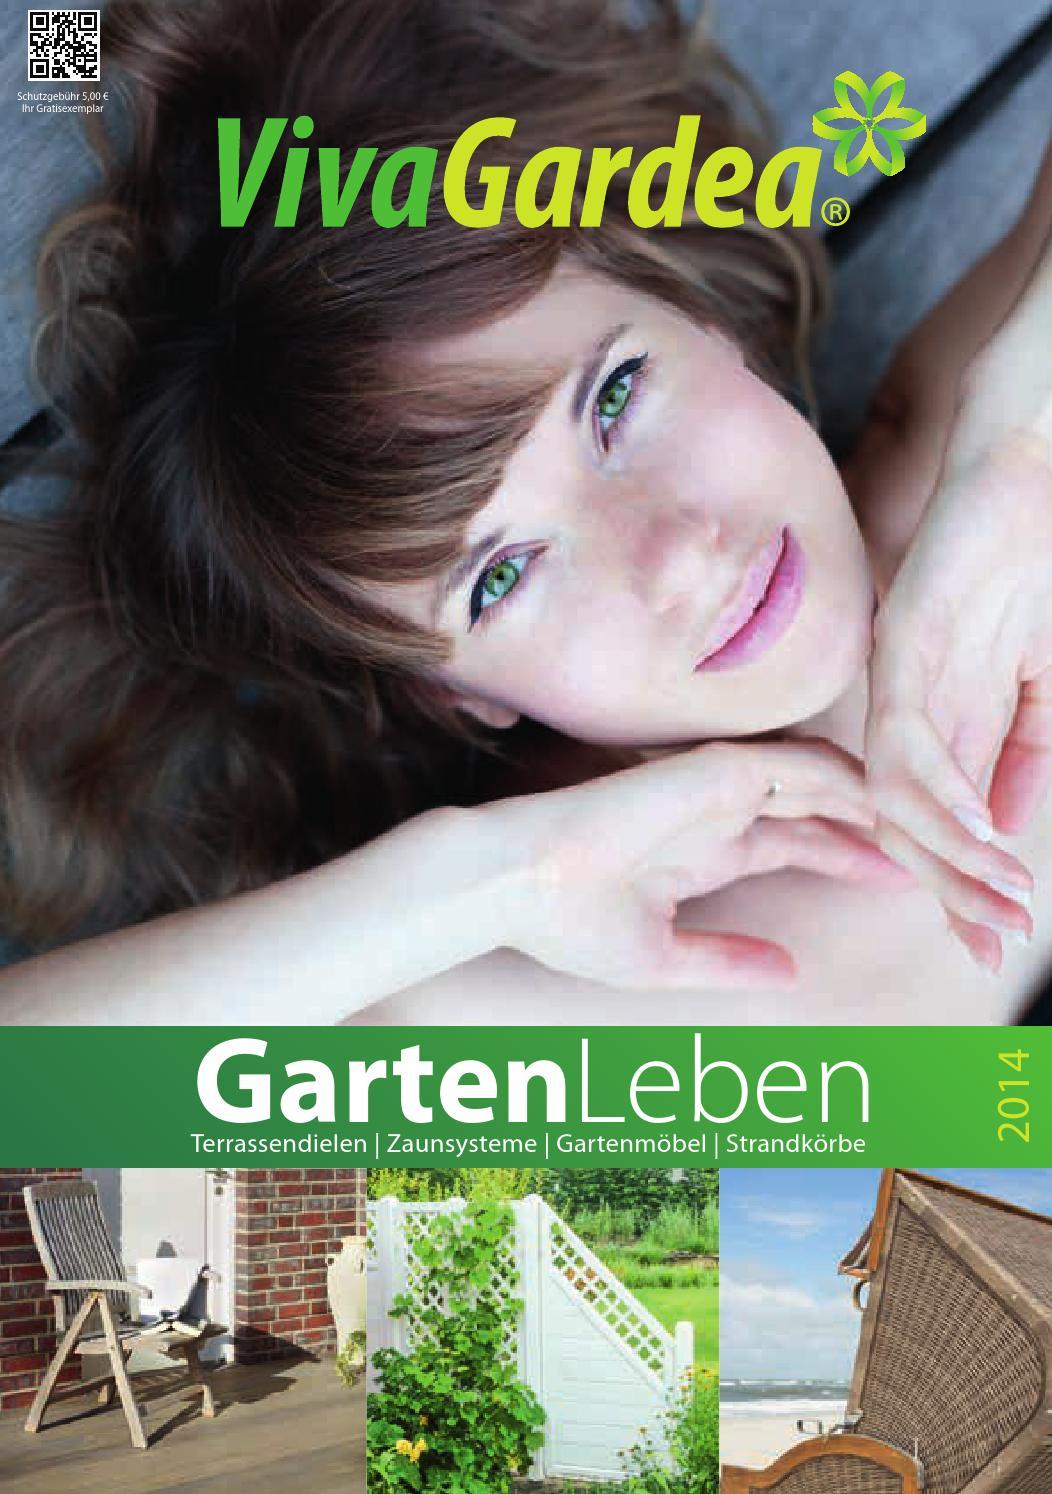 2-Sitzer Auflage Polster Kissen Gartenbank Sitzbank beige VivaGardea Terrasse